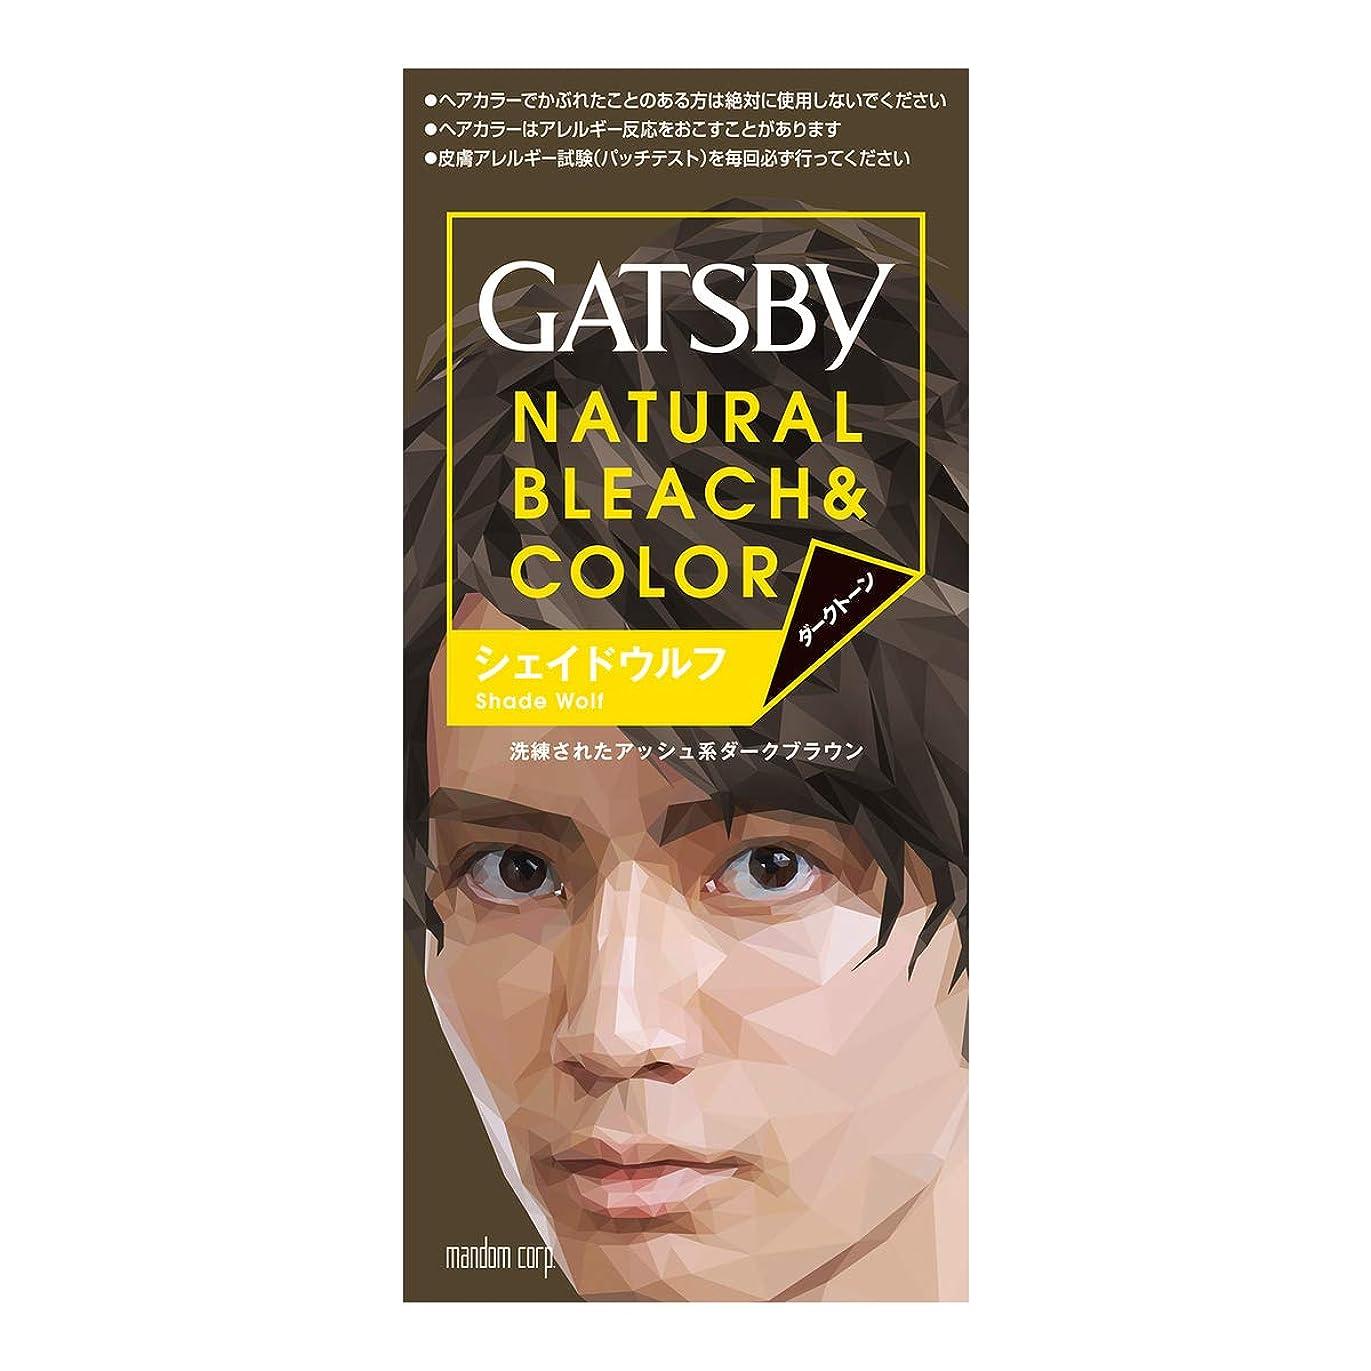 幻滅手首起点GATSBY(ギャツビー) ナチュラルブリーチカラー シェイドウルフ 1剤35g 2剤70mL (医薬部外品)